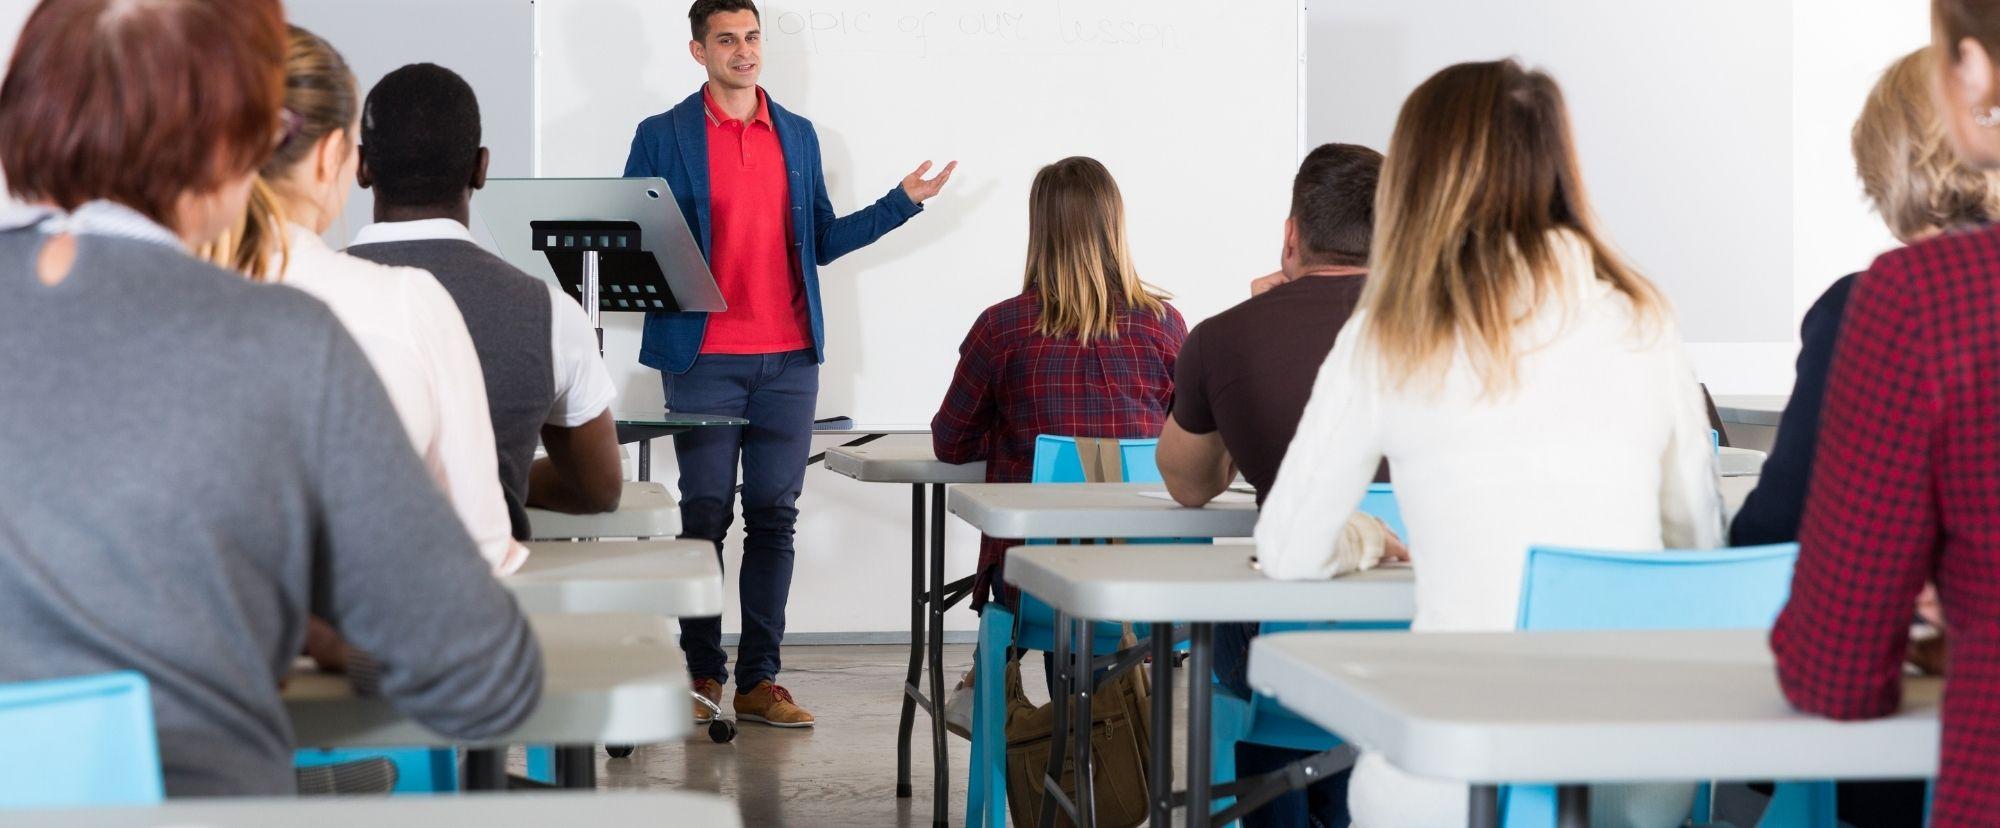 teacher lecturing class